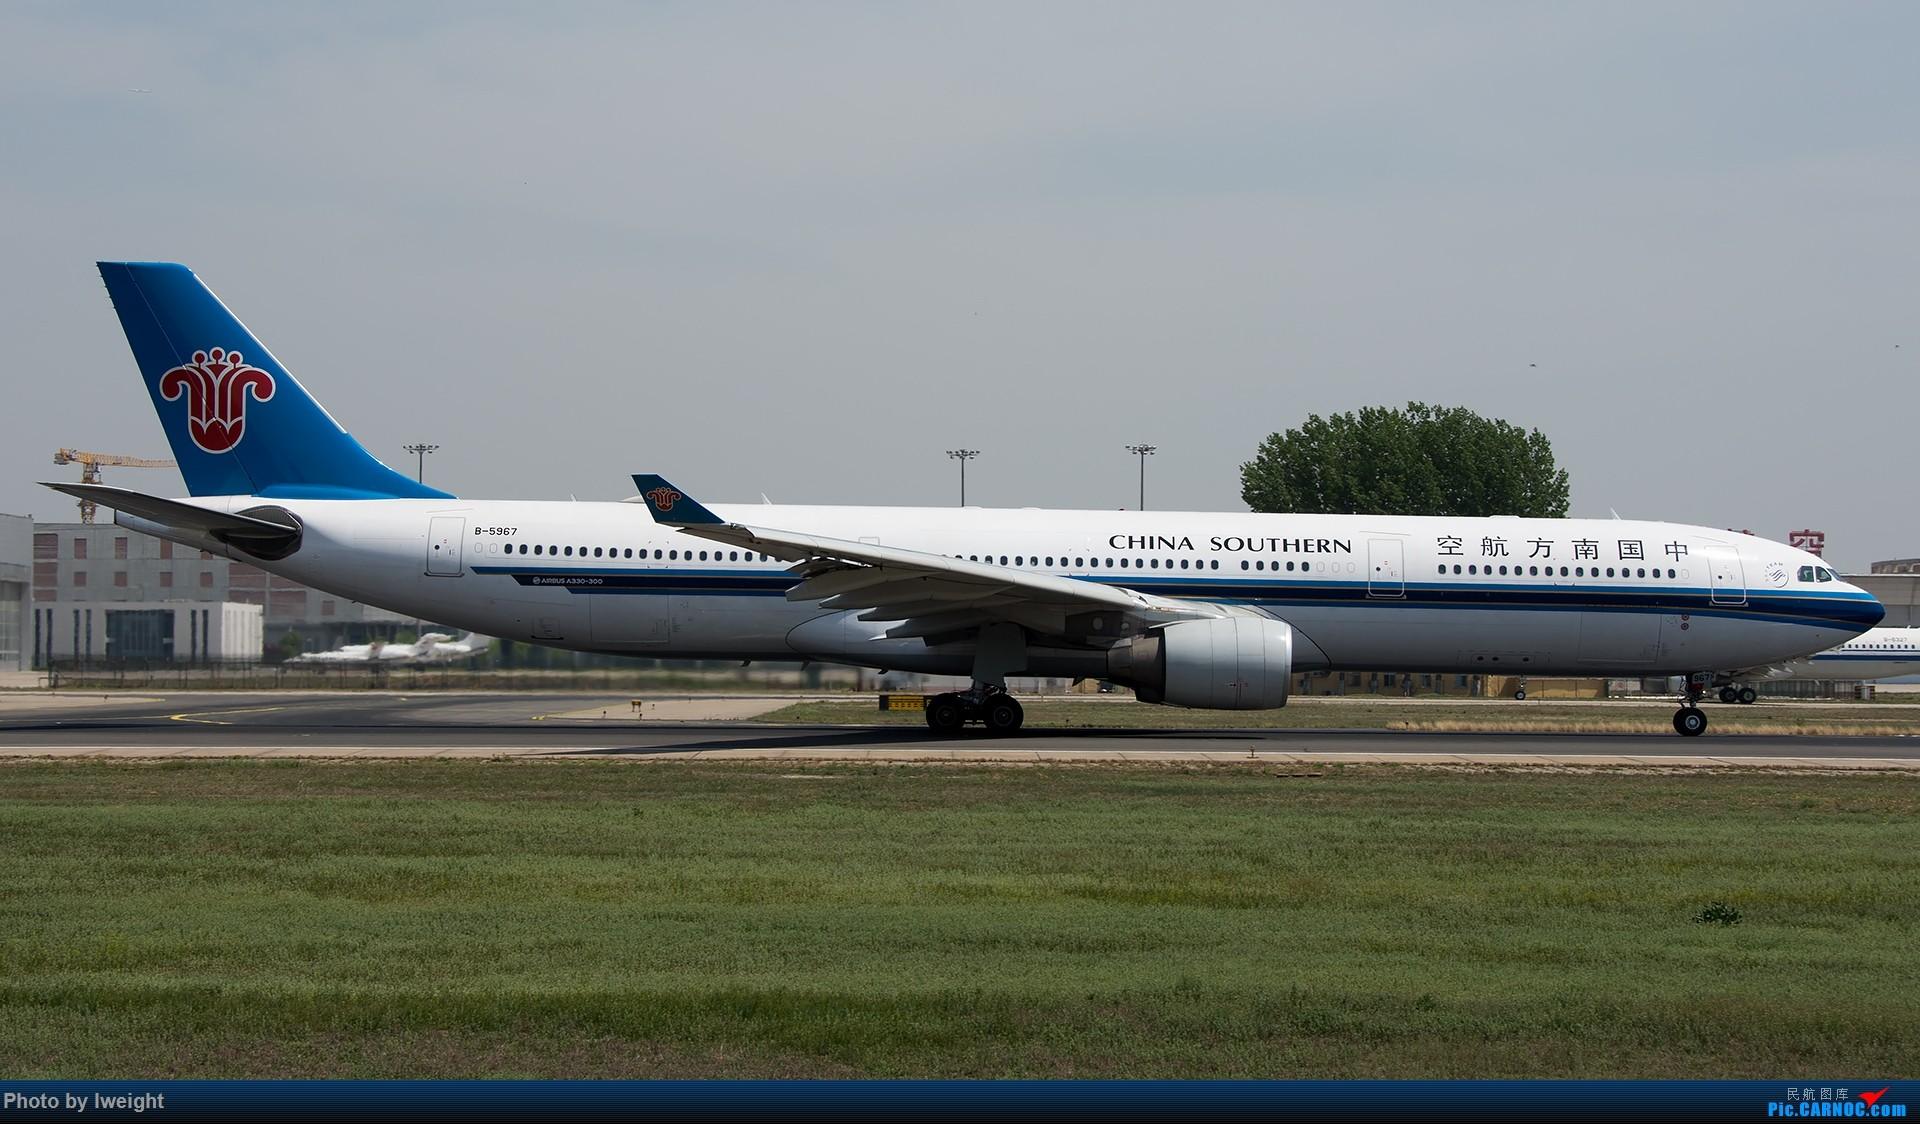 Re:[原创]天气晴朗,继续守候18R【多图】 AIRBUS A330-300 B-5967 中国北京首都国际机场